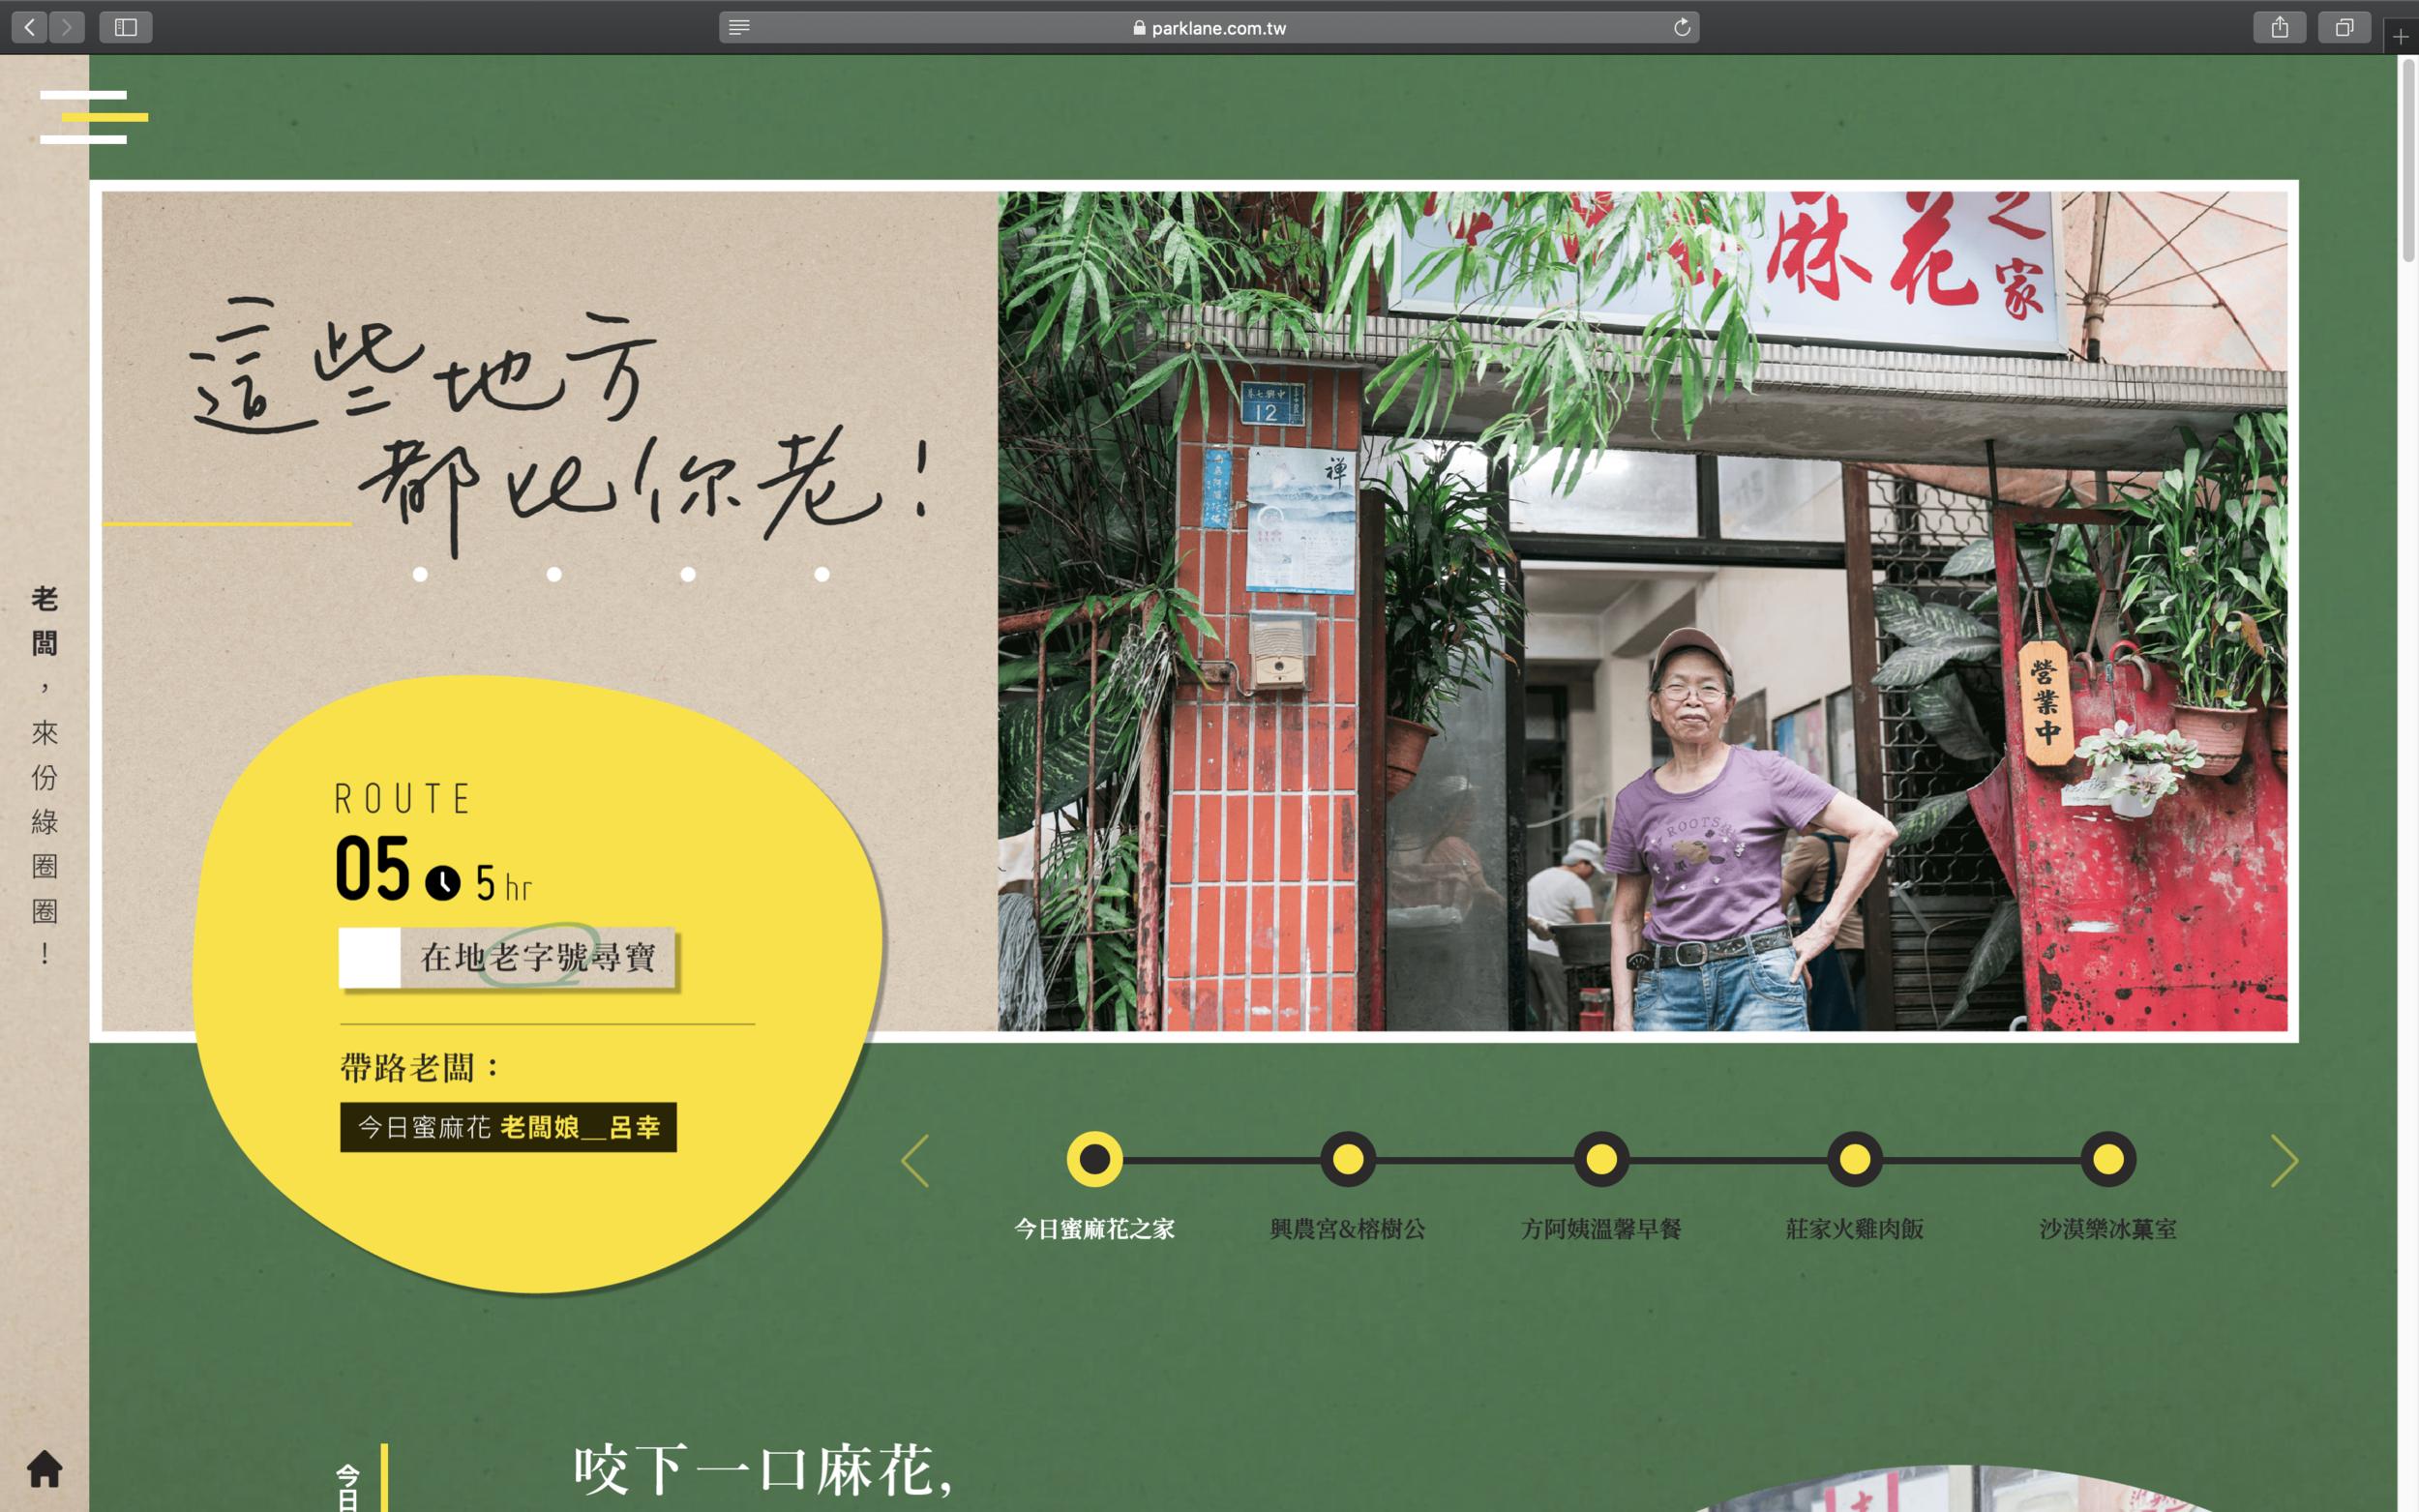 綠圈圈企劃_Web11.png